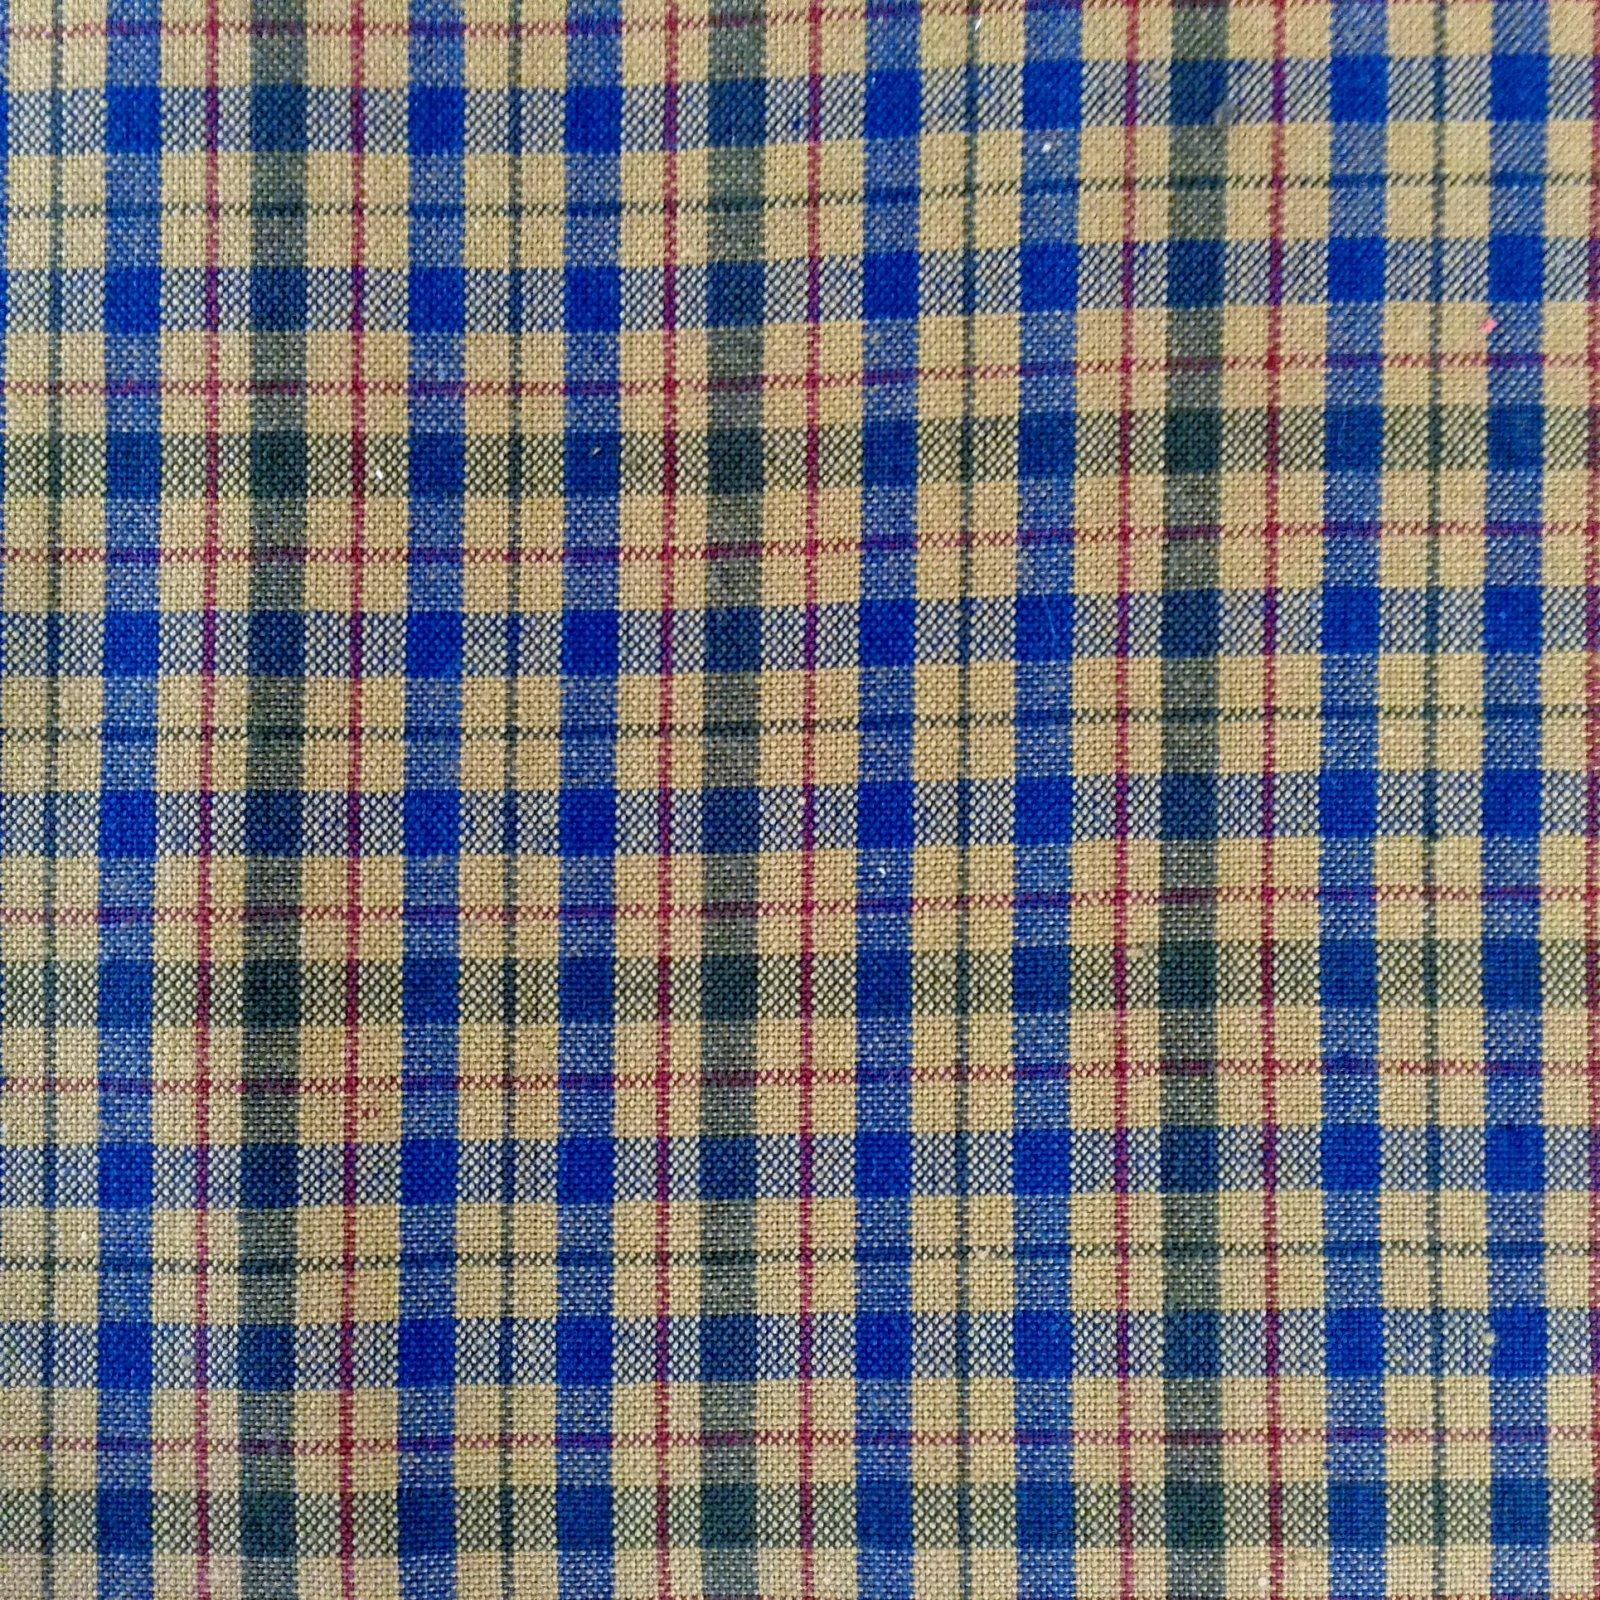 Prairie Wovens  - Blue & Green on Tan